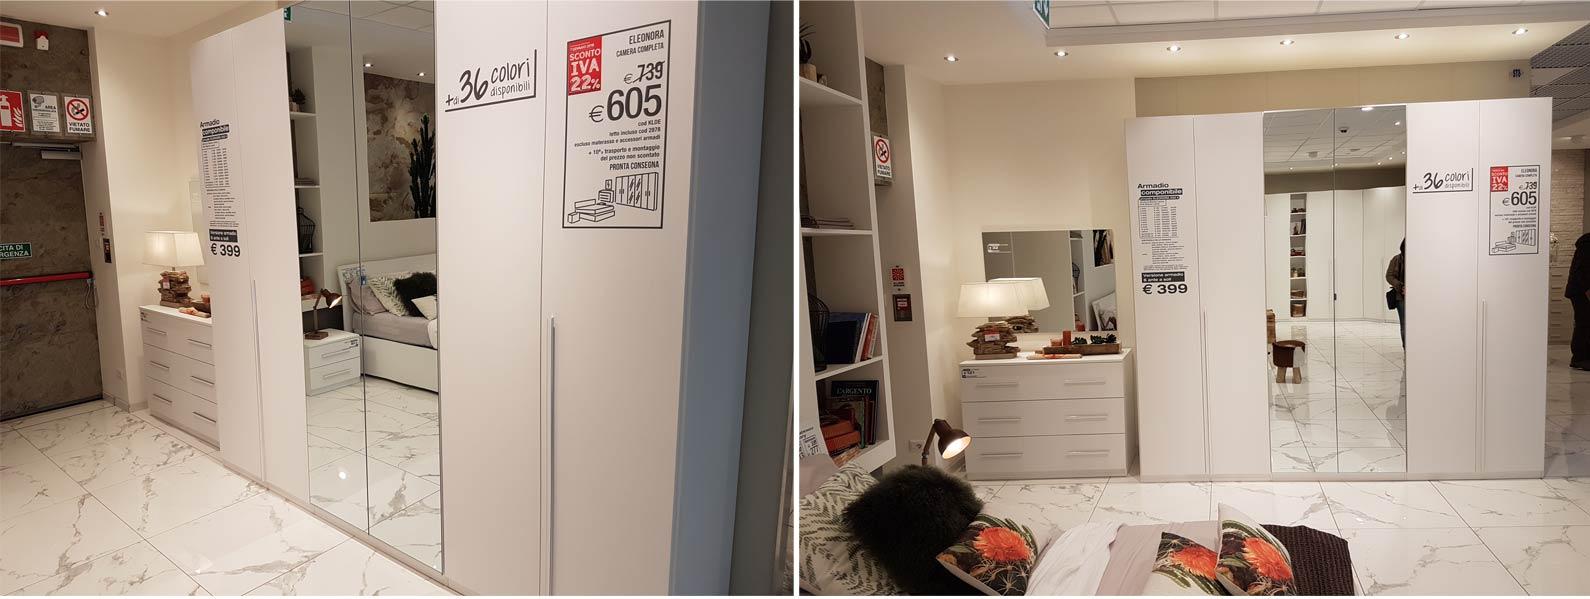 Camera Da Letto 2 Colori : Camere da letto mondo convenienza